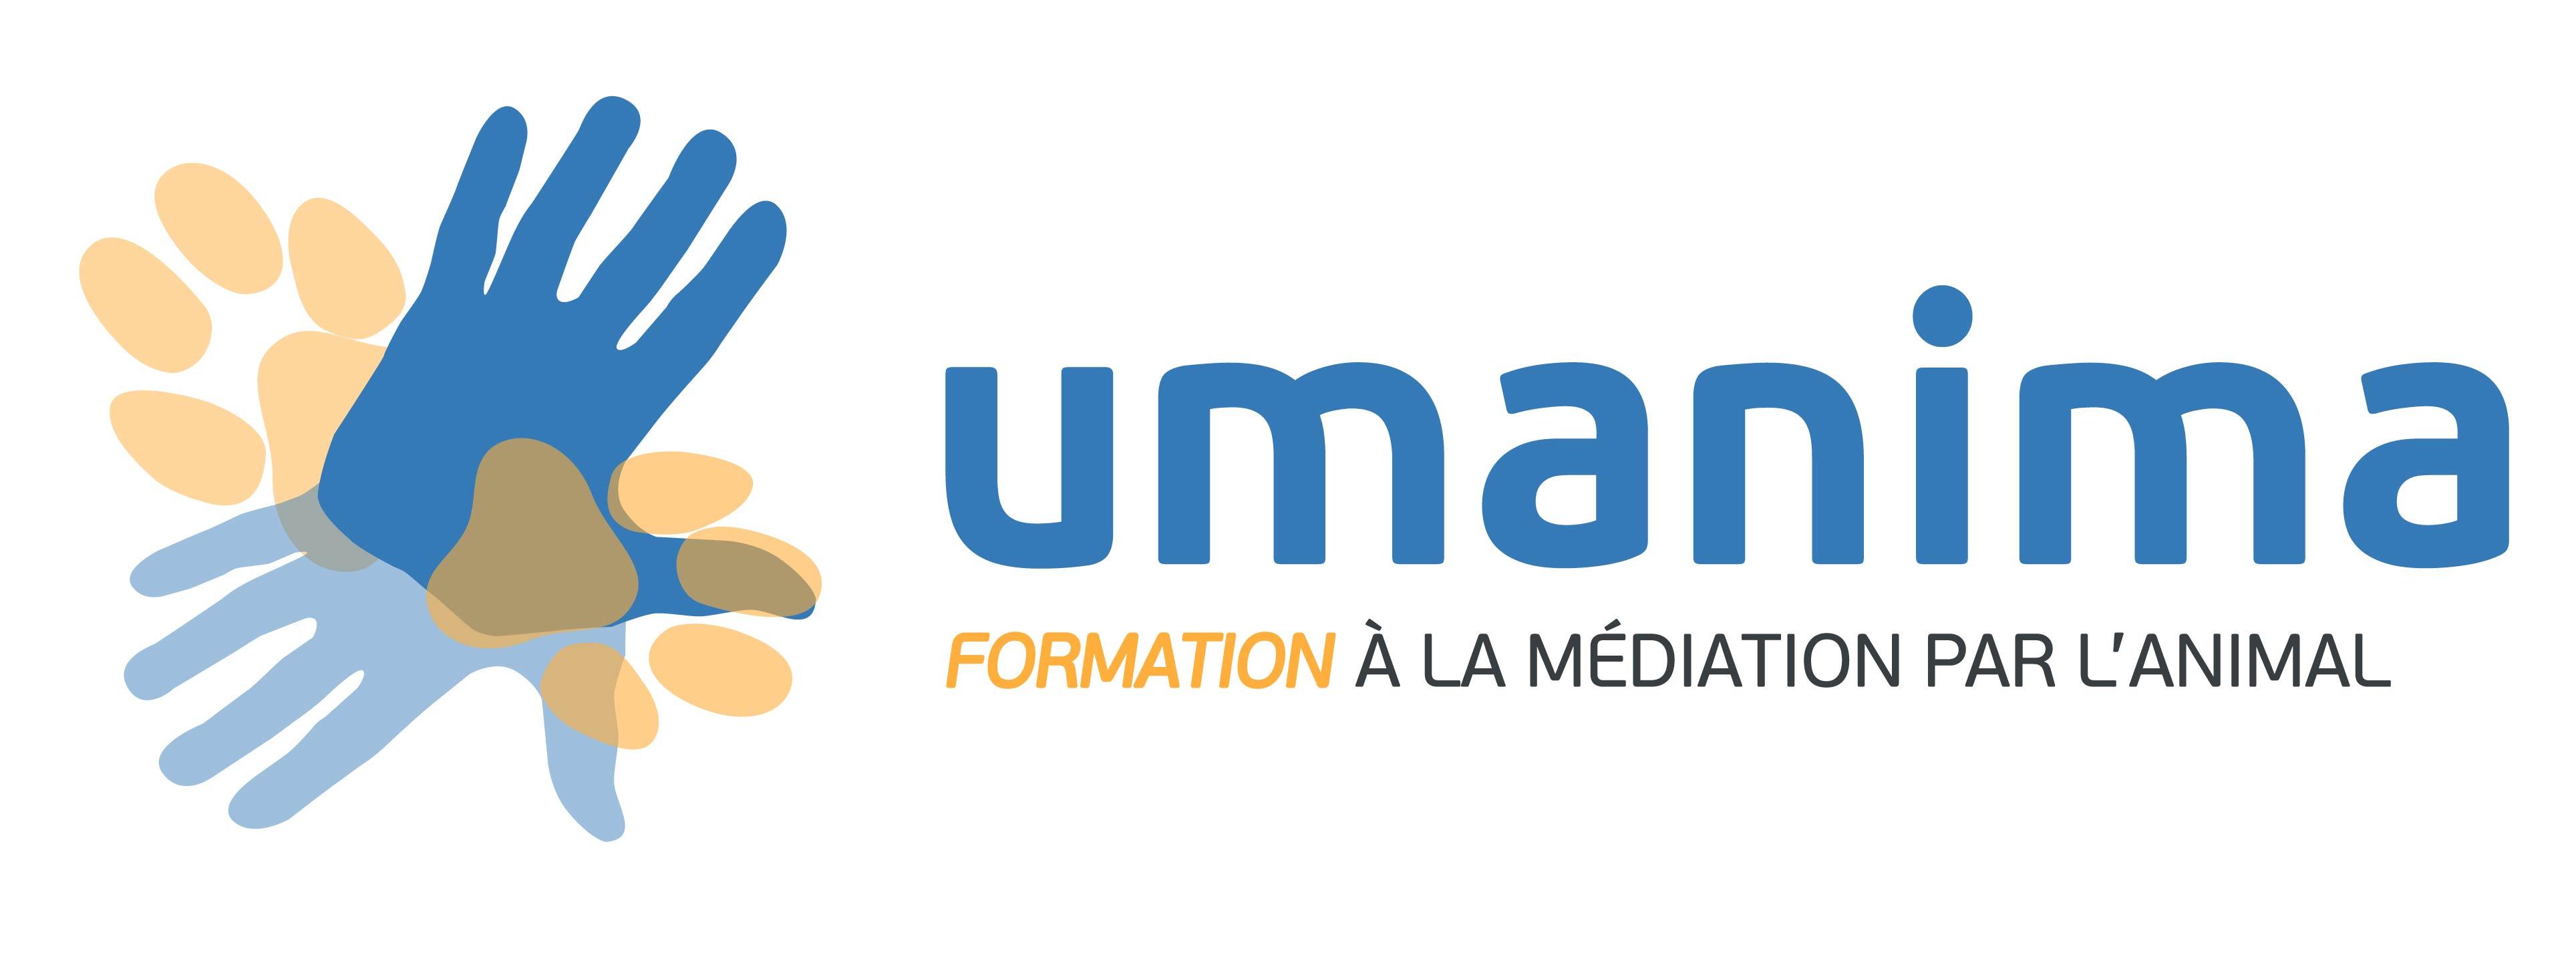 Umanima Formation - Formation à la médiation animale (zoothérapie)